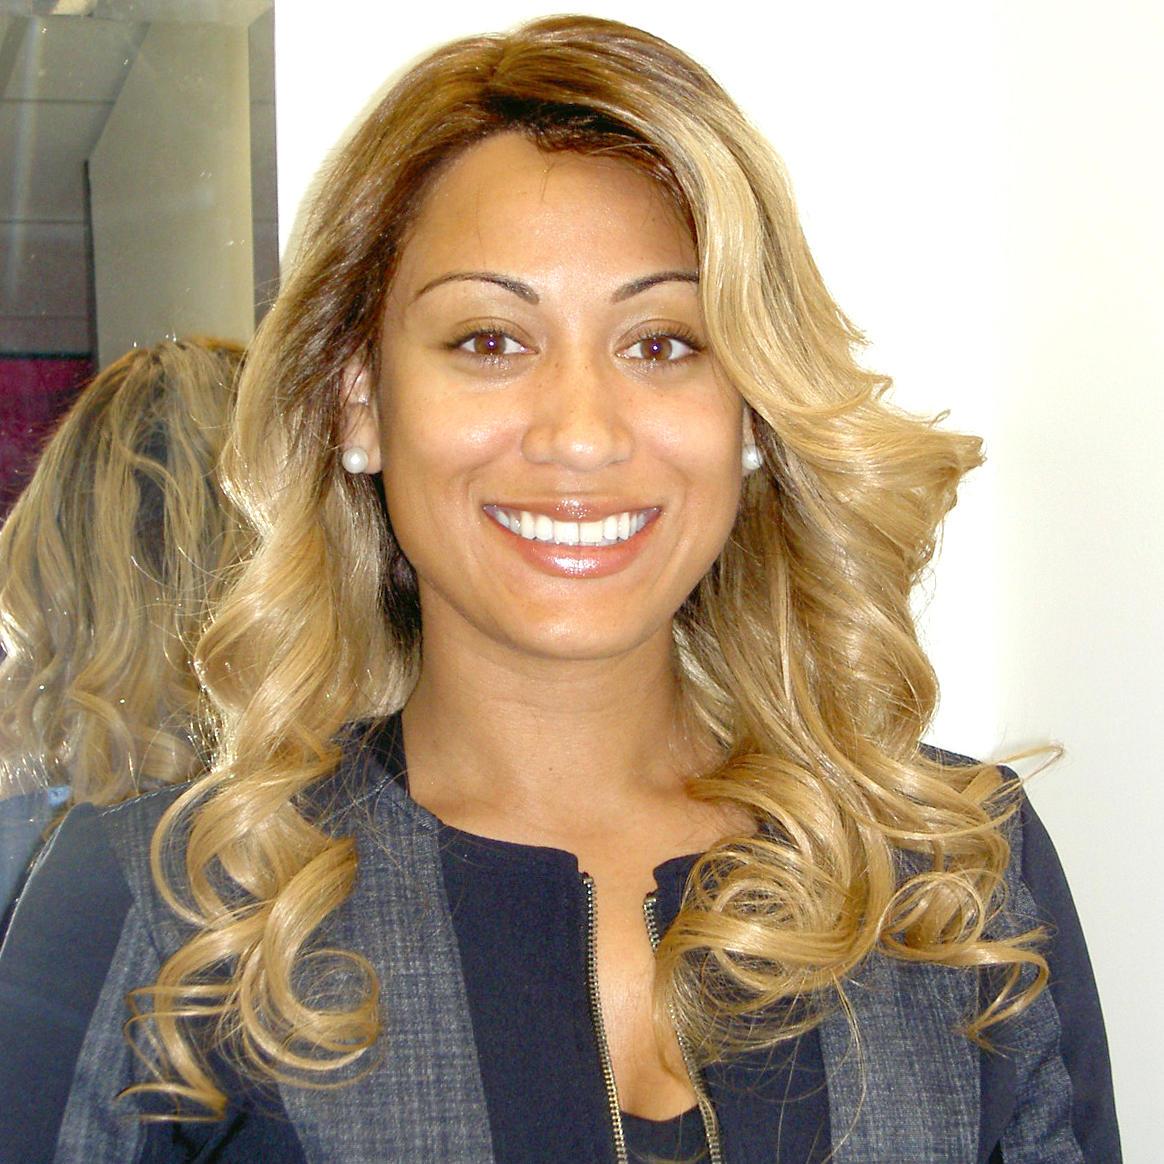 Shop Lace Wigs image 18